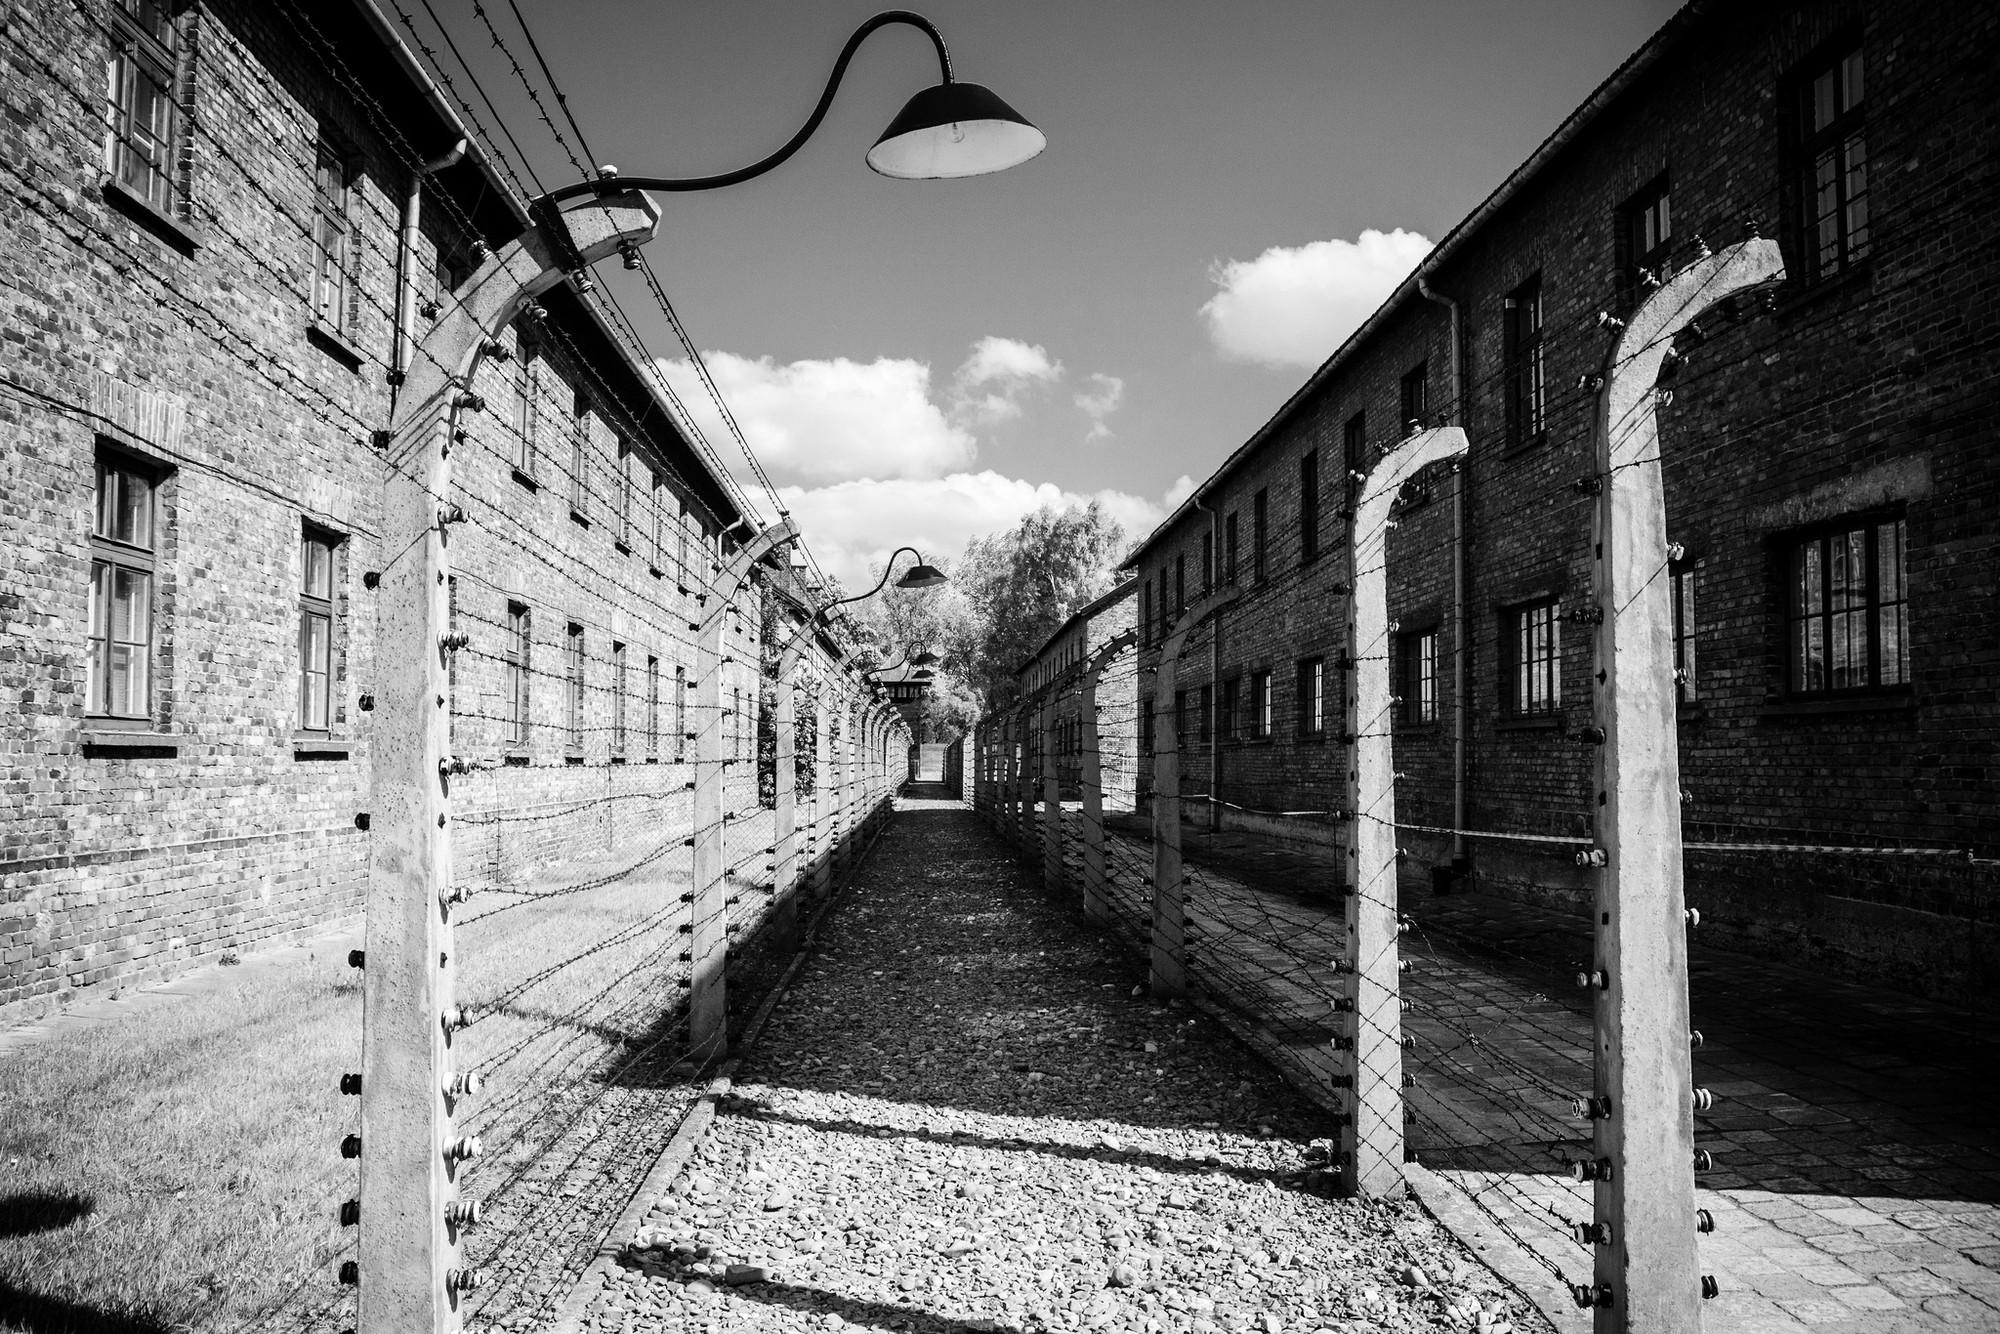 Campo de concentración Auschwitz-Birkenau. Image vía Adam Kuśmierz [Flickr CC]